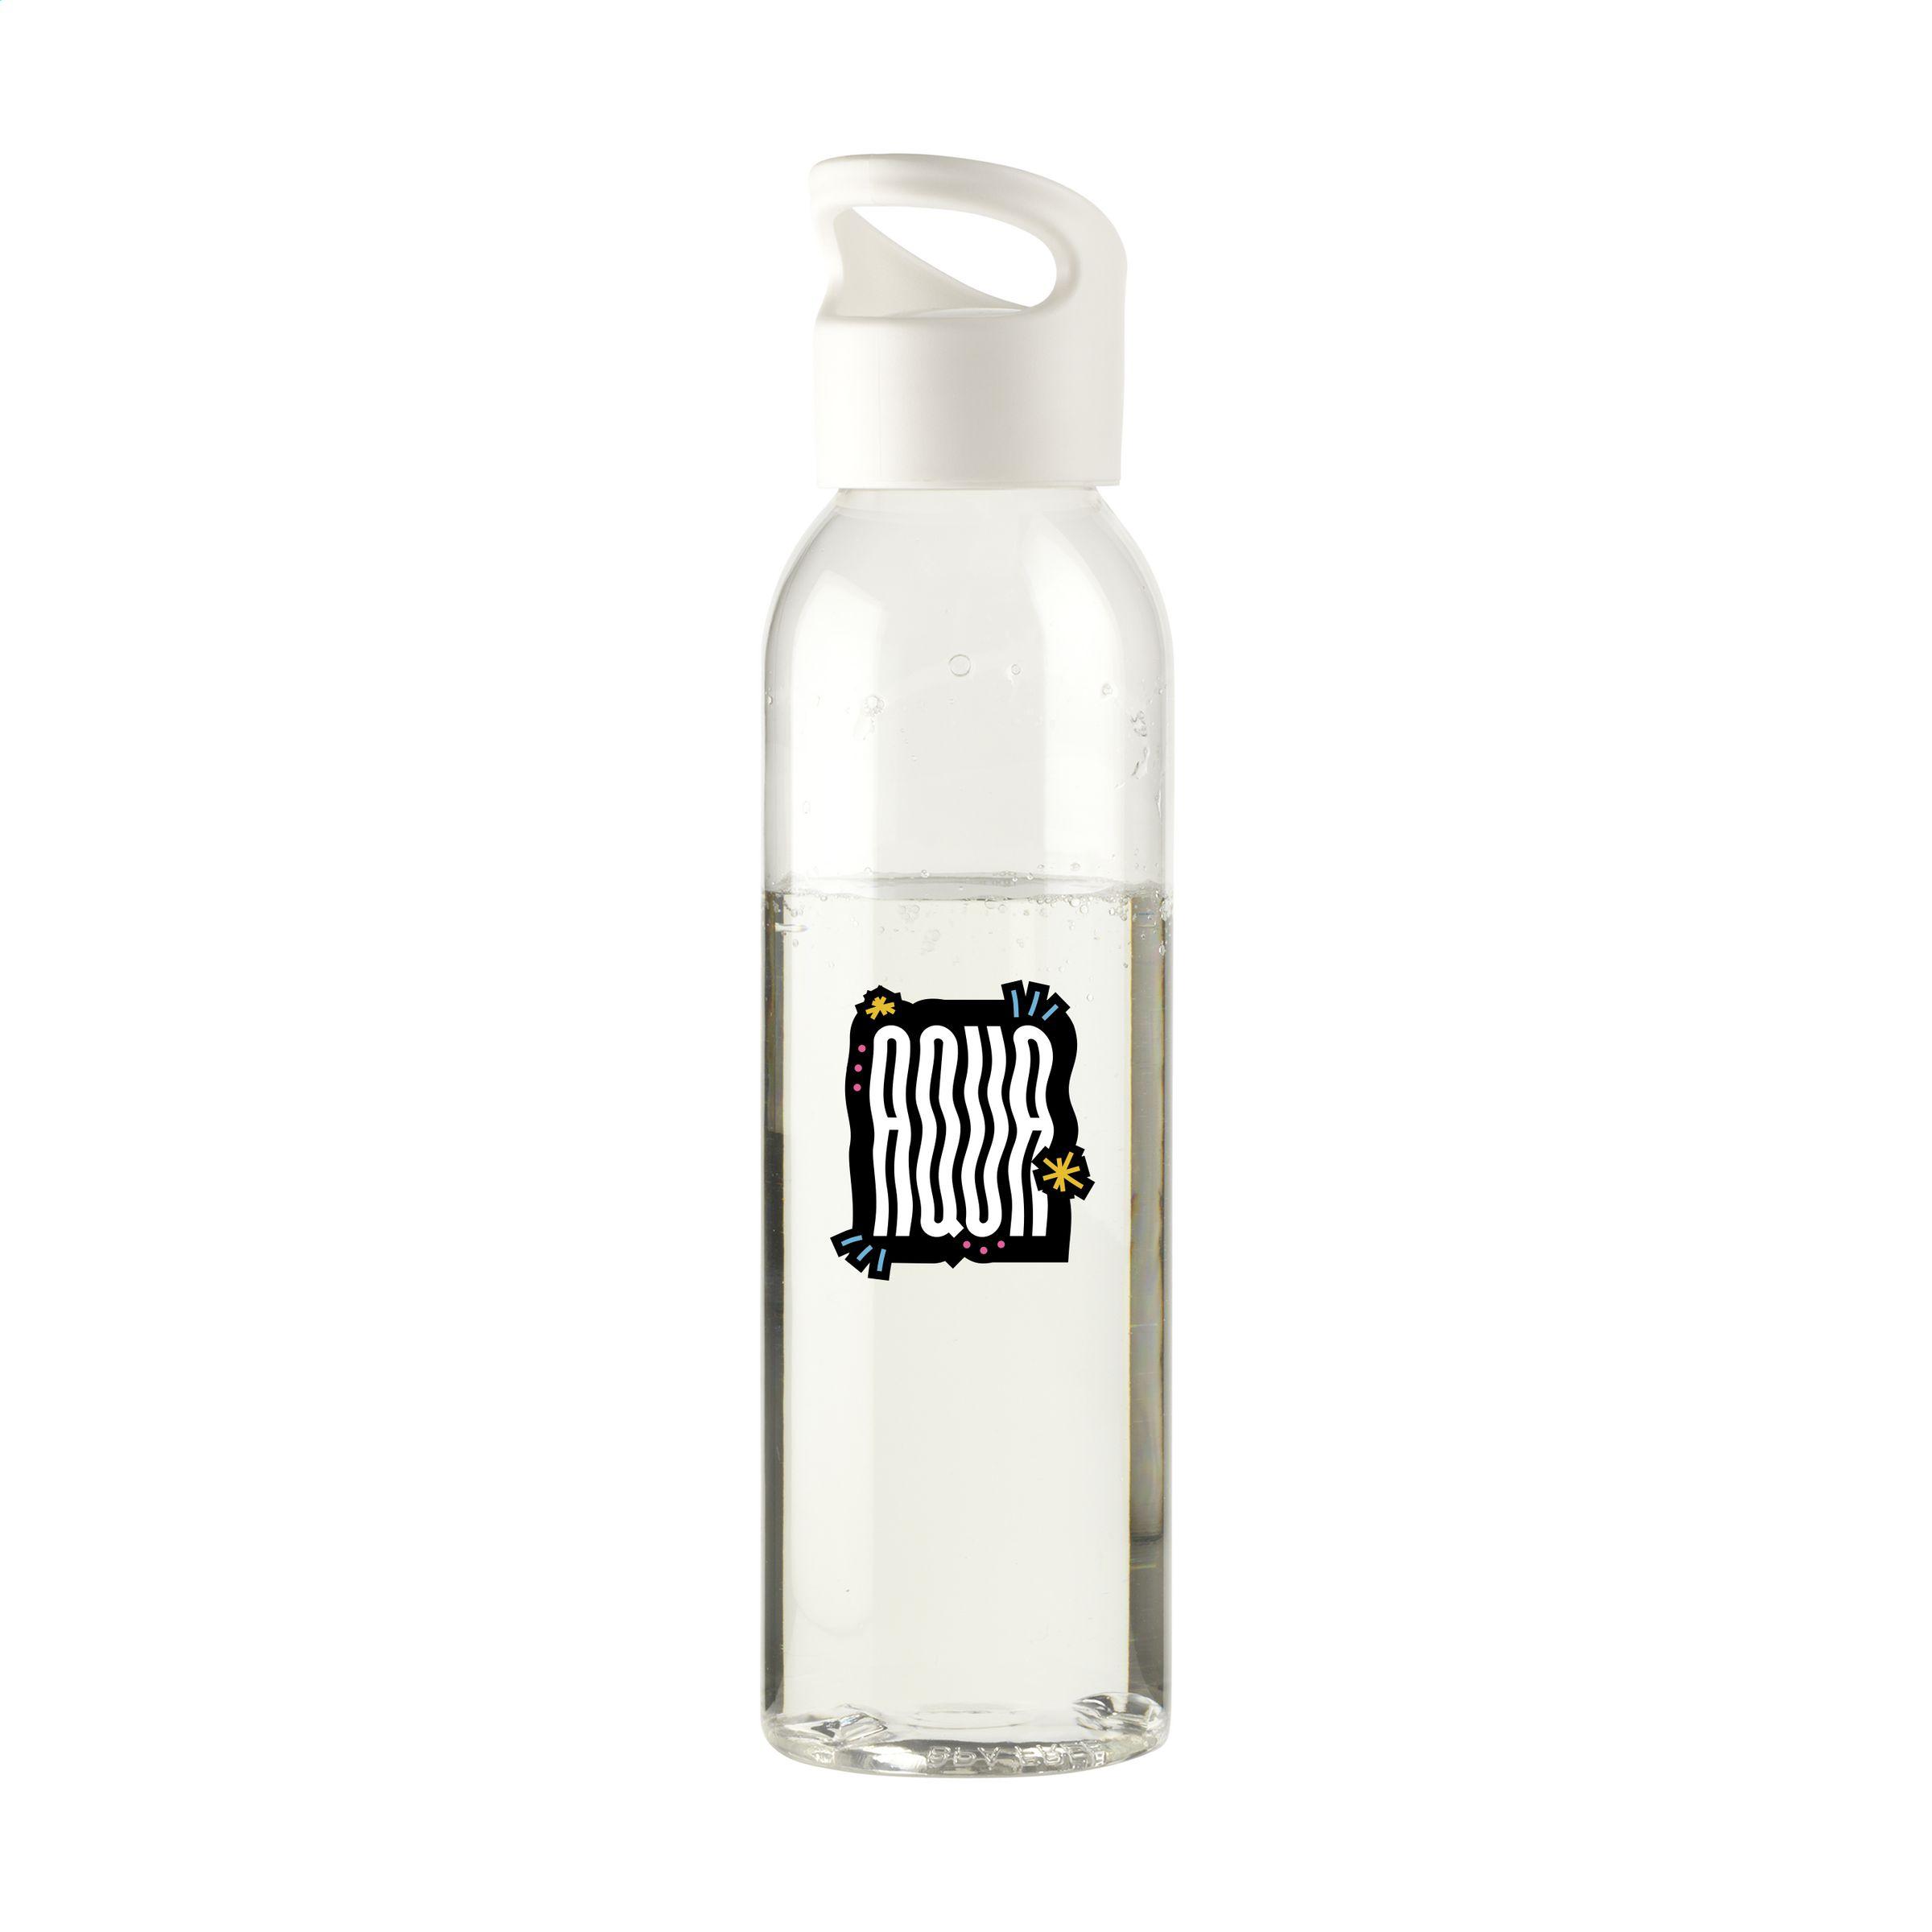 Sirius water bottle printing